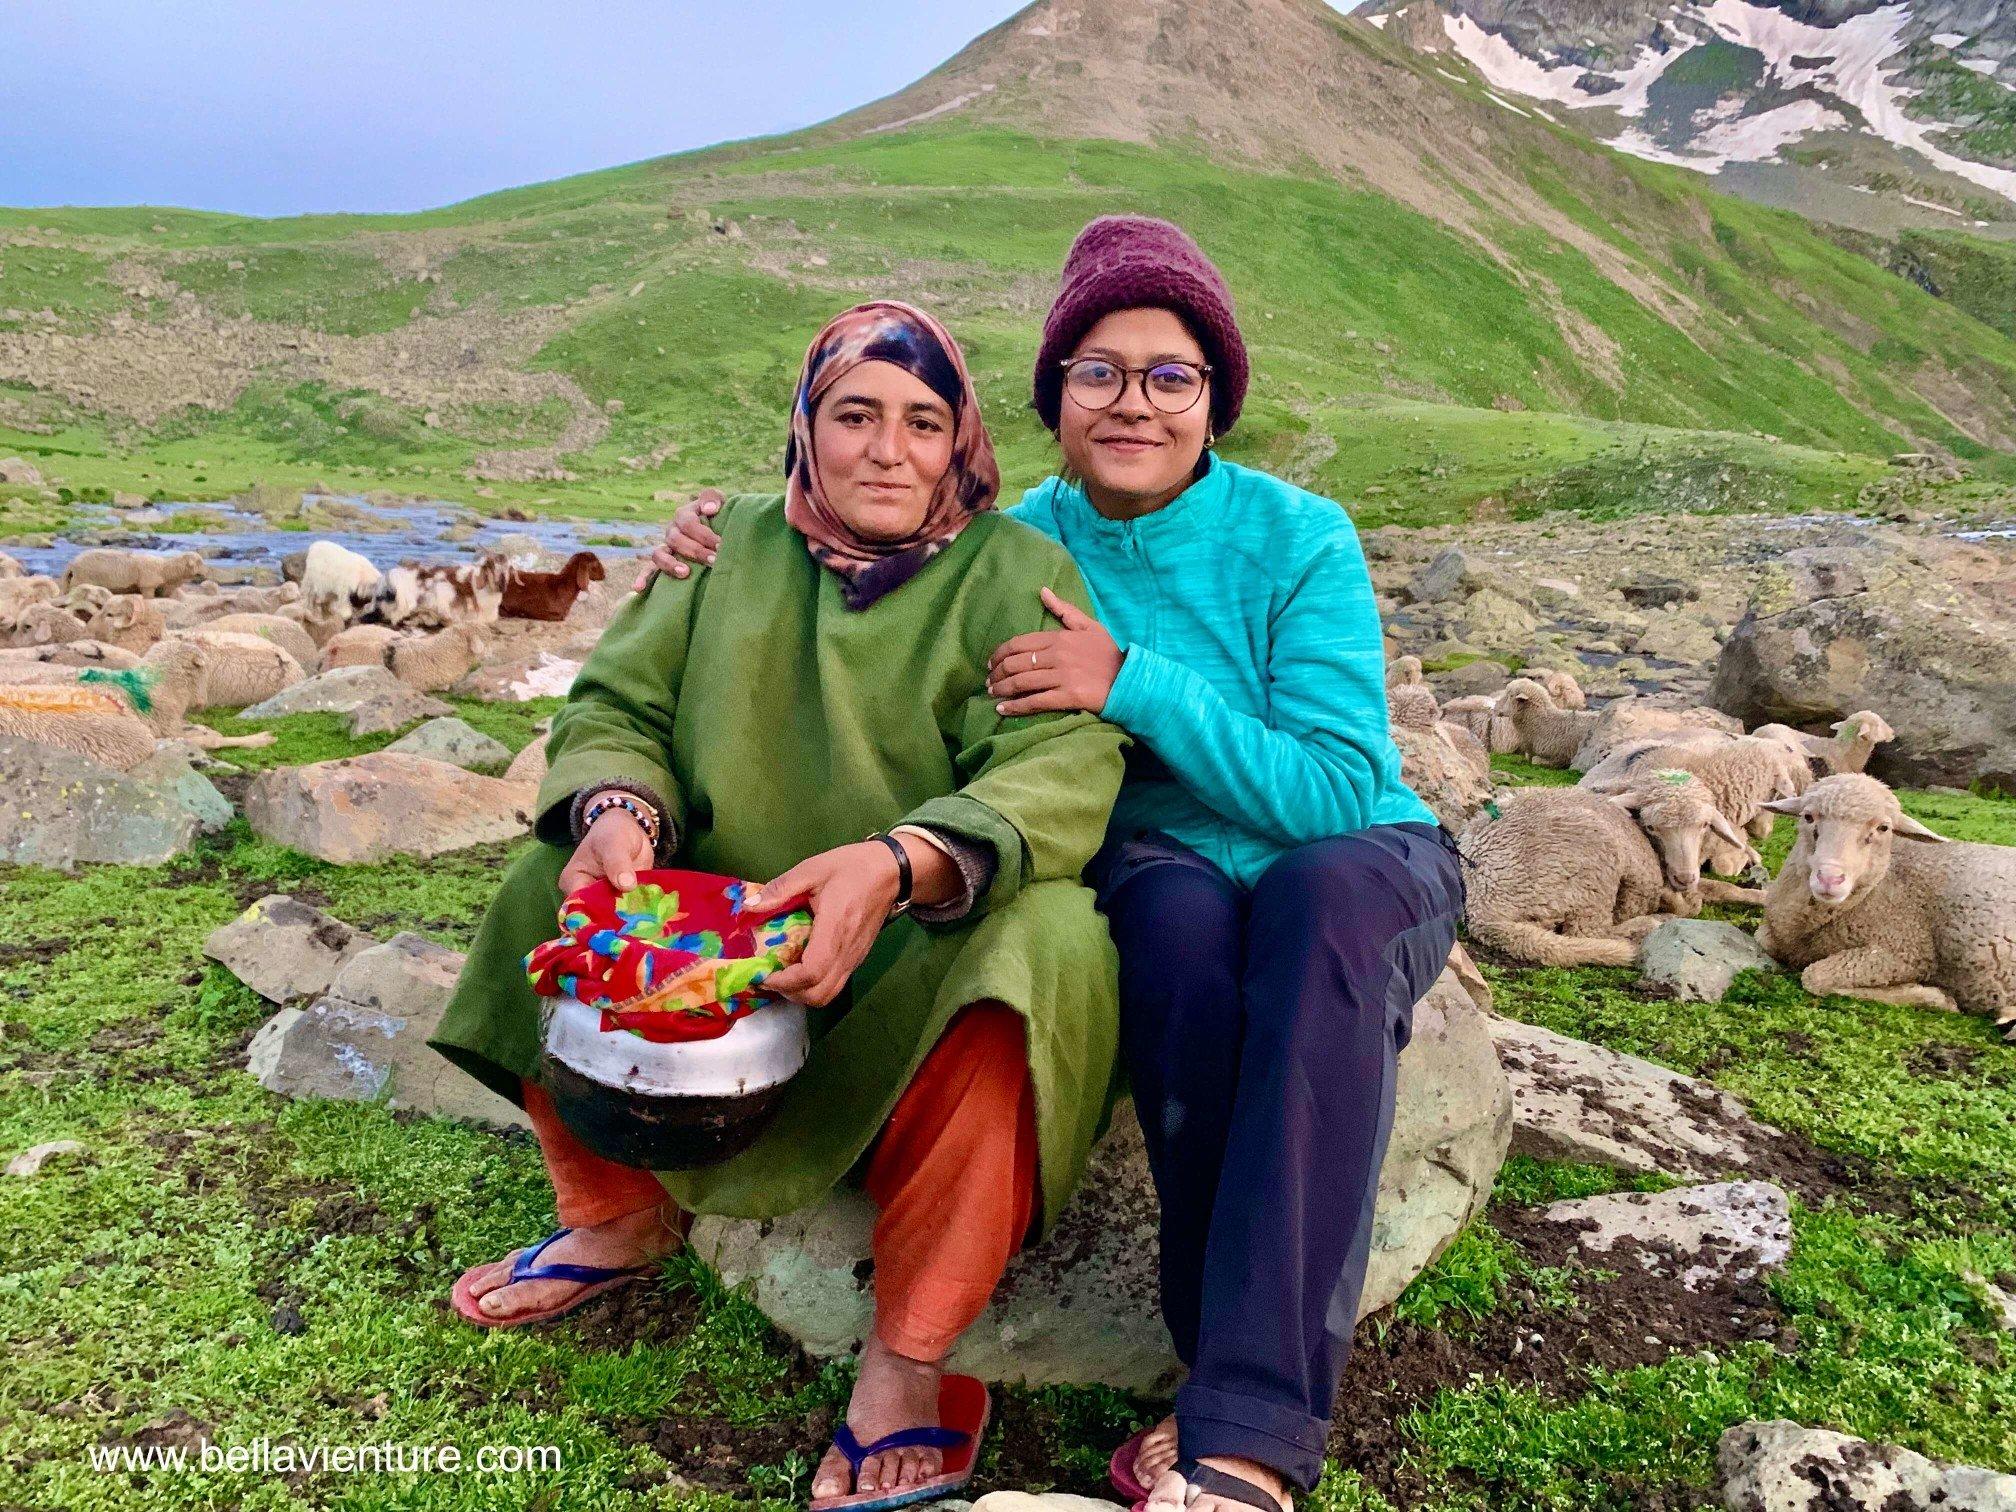 印度 India 北北印 North India 喀什米爾  Kashmir 八天七夜 健行 Nichnai Valley 牧羊女與女團員合影